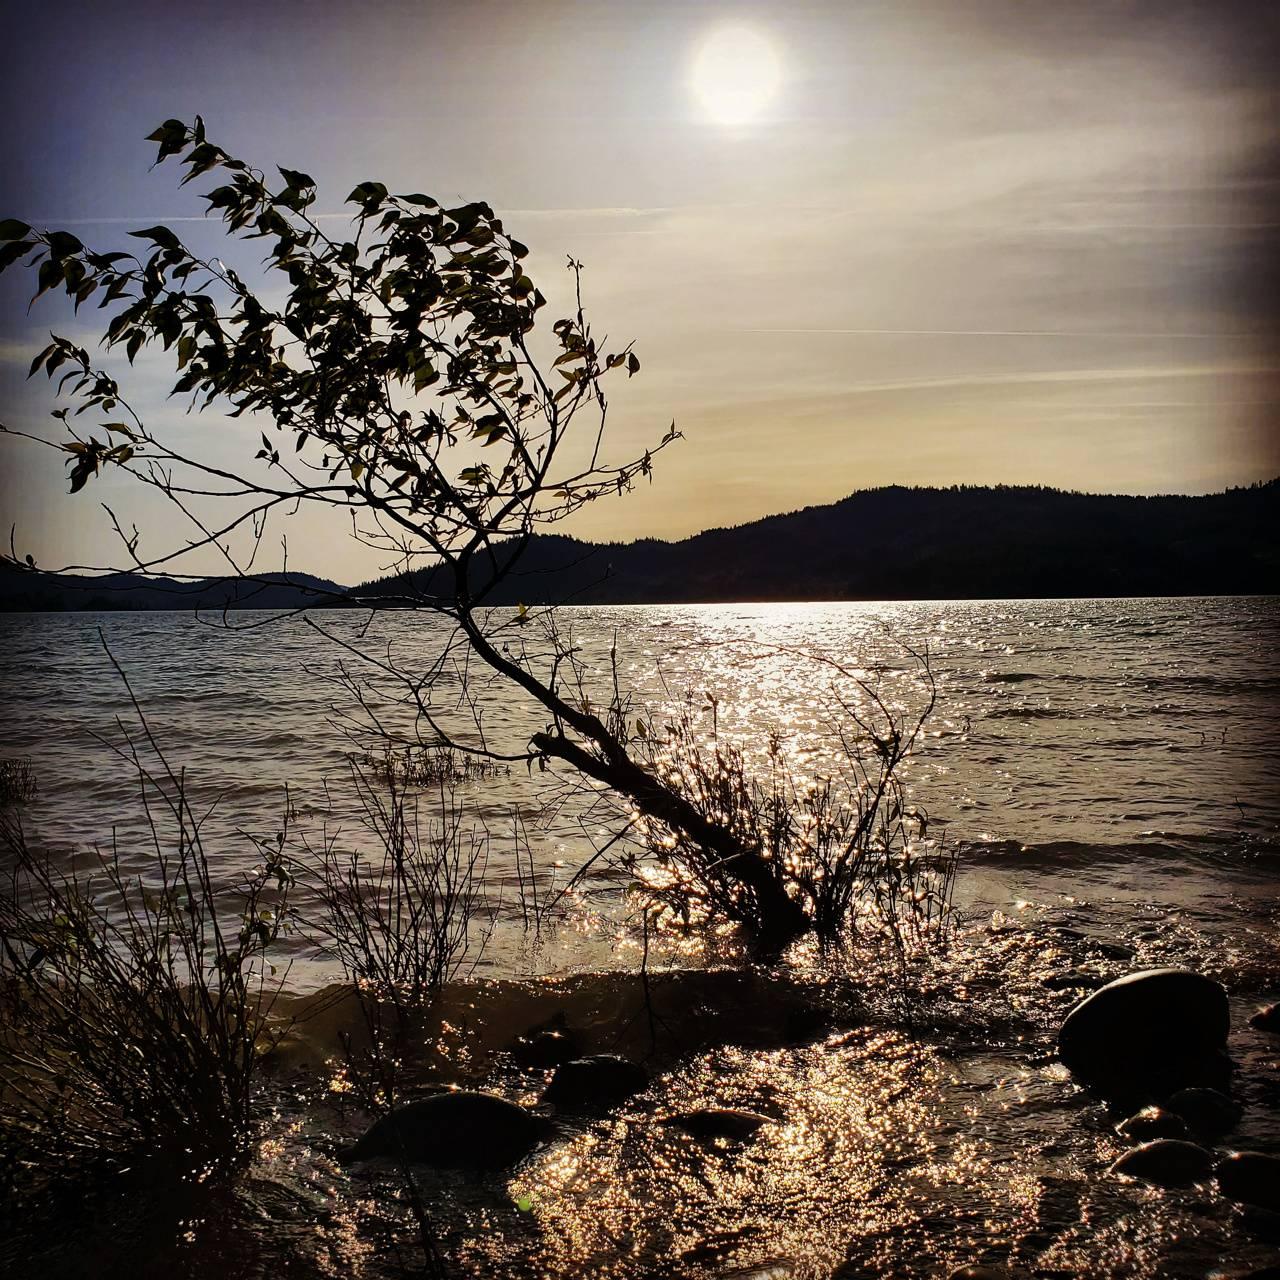 S10p lake shot